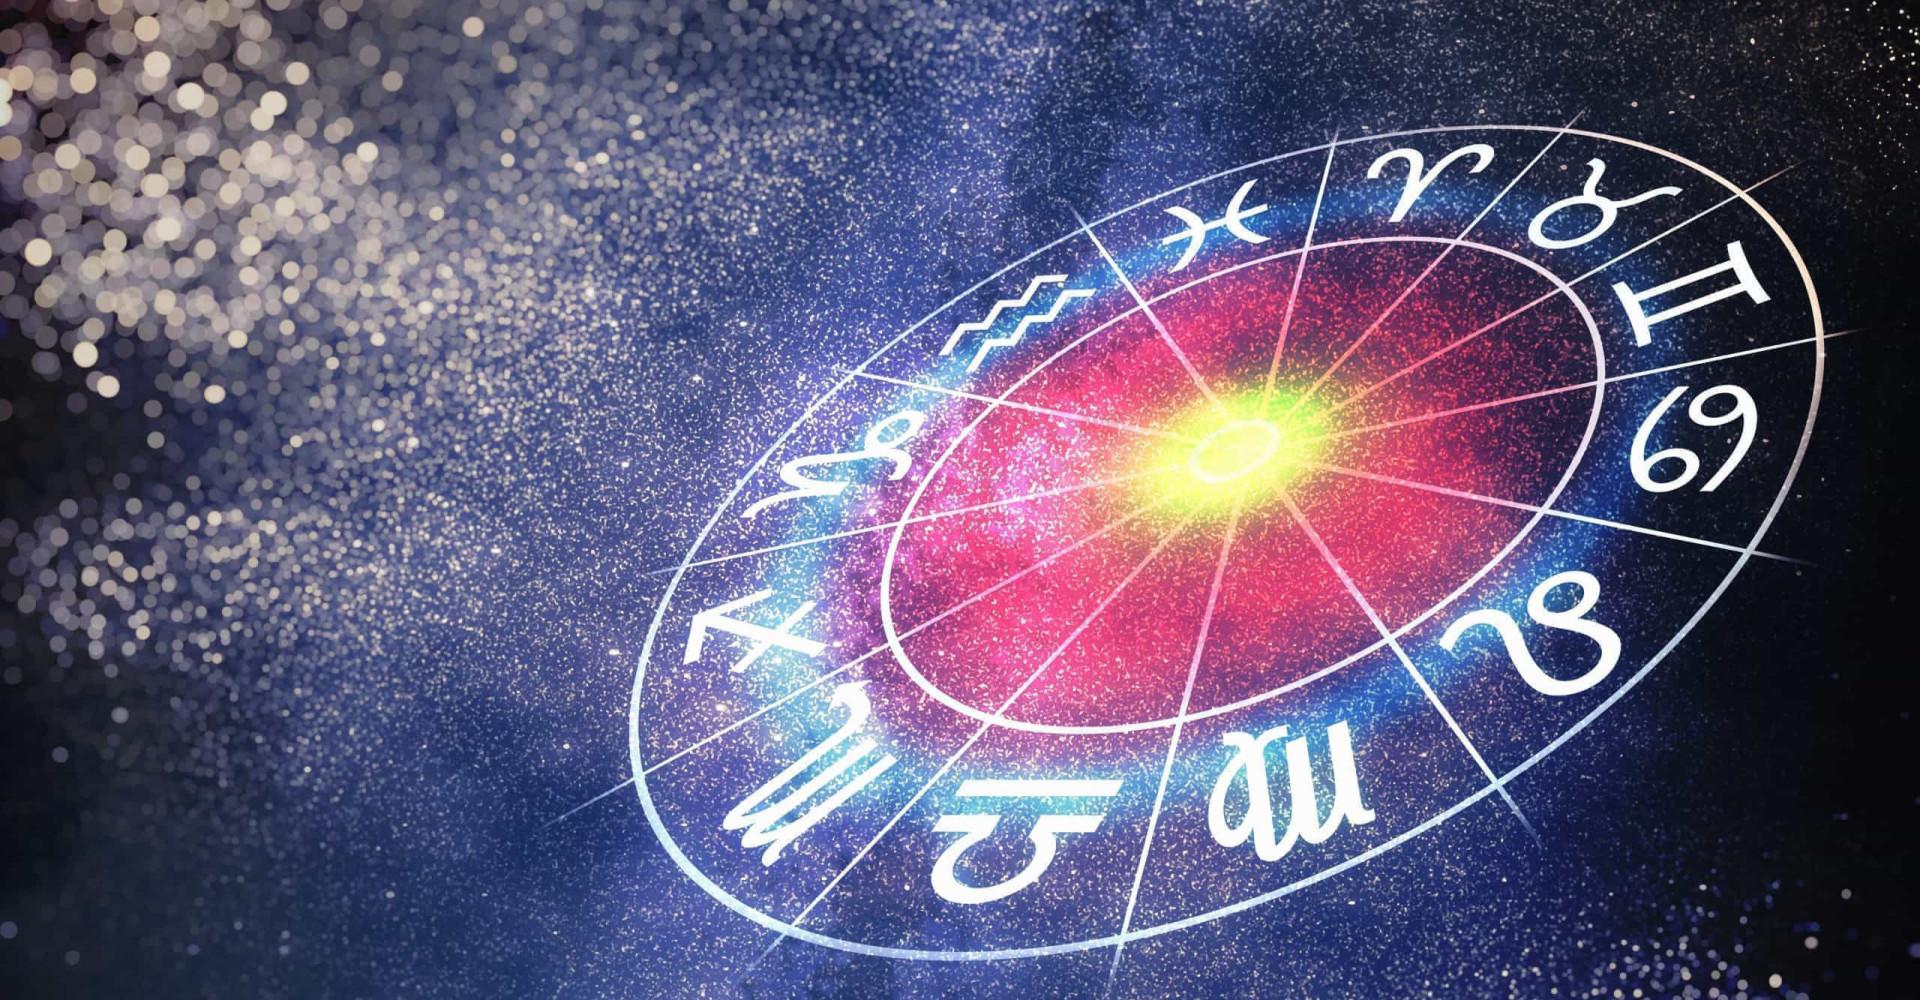 Tiedätkö, mikä on tähtimerkillesi paras tapa rentoutua ja lievittää stressiä?